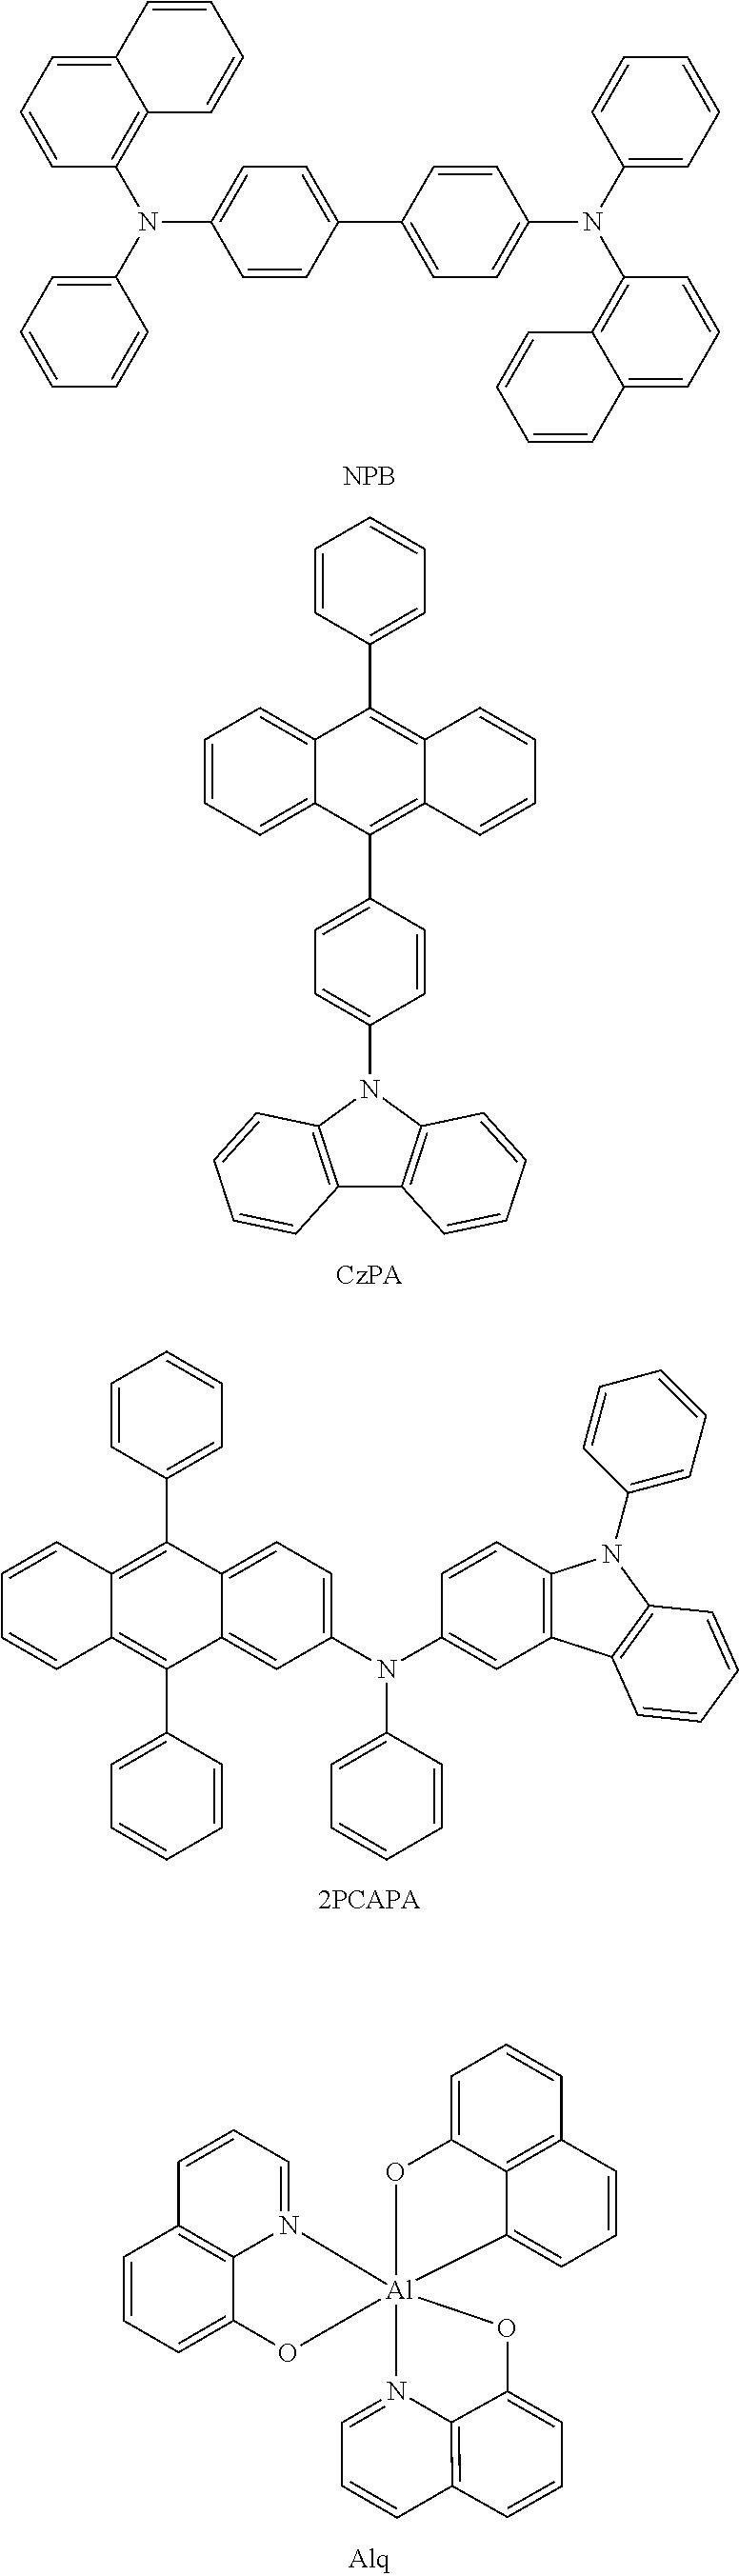 Figure US09401458-20160726-C00001